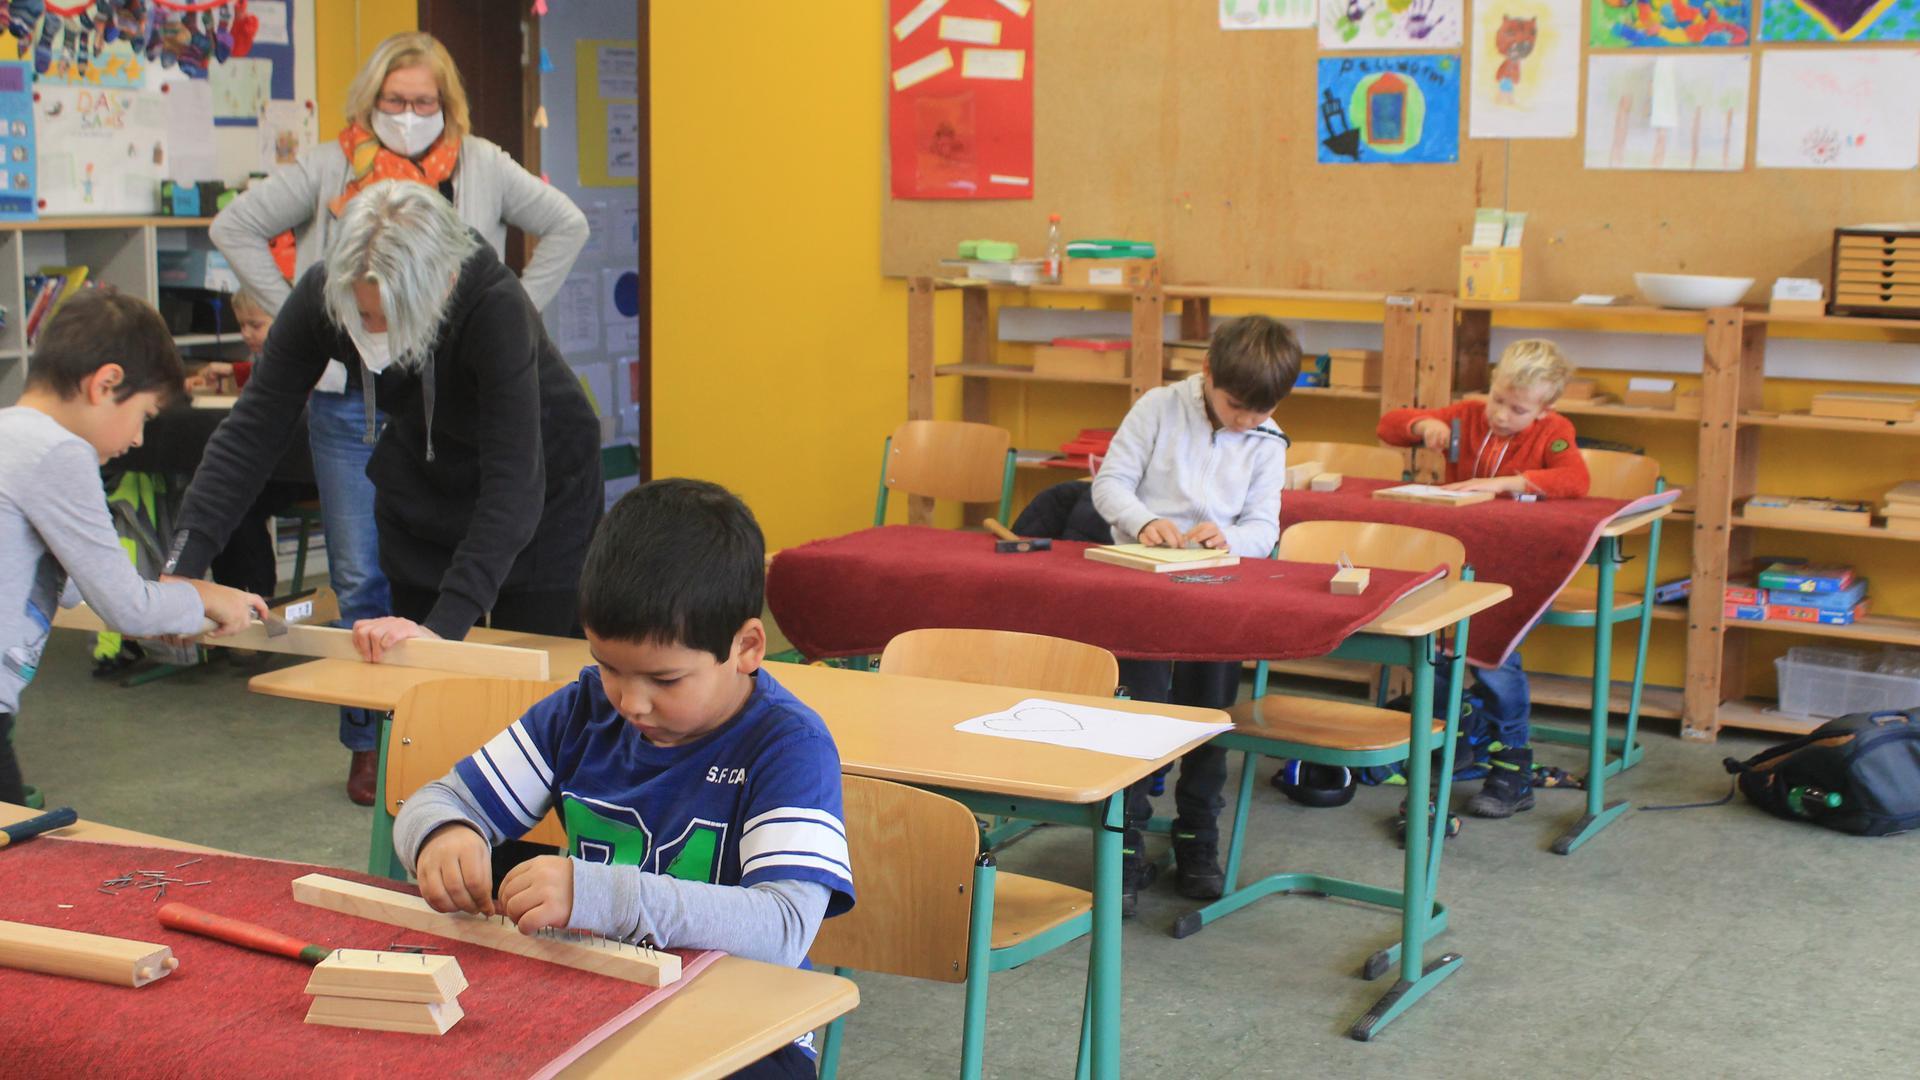 Konzentriert bei der Arbeit: Mit Nägeln und Holz haben 13 Jungs und Mädchen vergangene Woche in der Notbetreuung in der Rheinstettener Albert-Schweitzer-Schule gewerkelt.